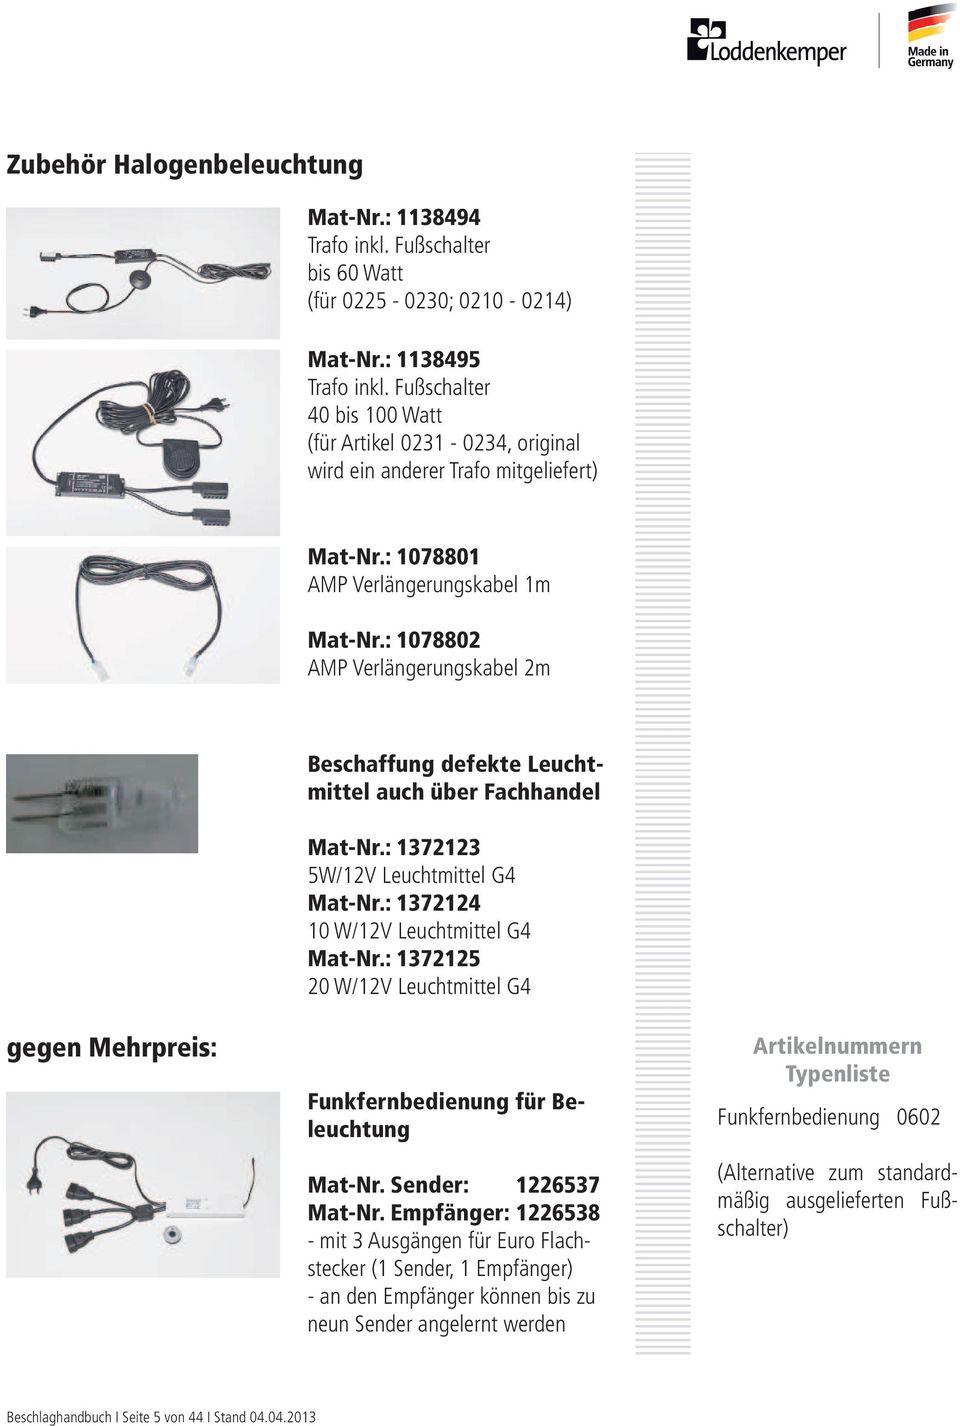 Full Size of Loddenkemper Navaro Beschlaghandbuch Beleuchtung Pdf Free Download Schlafzimmer Wohnzimmer Loddenkemper Navaro